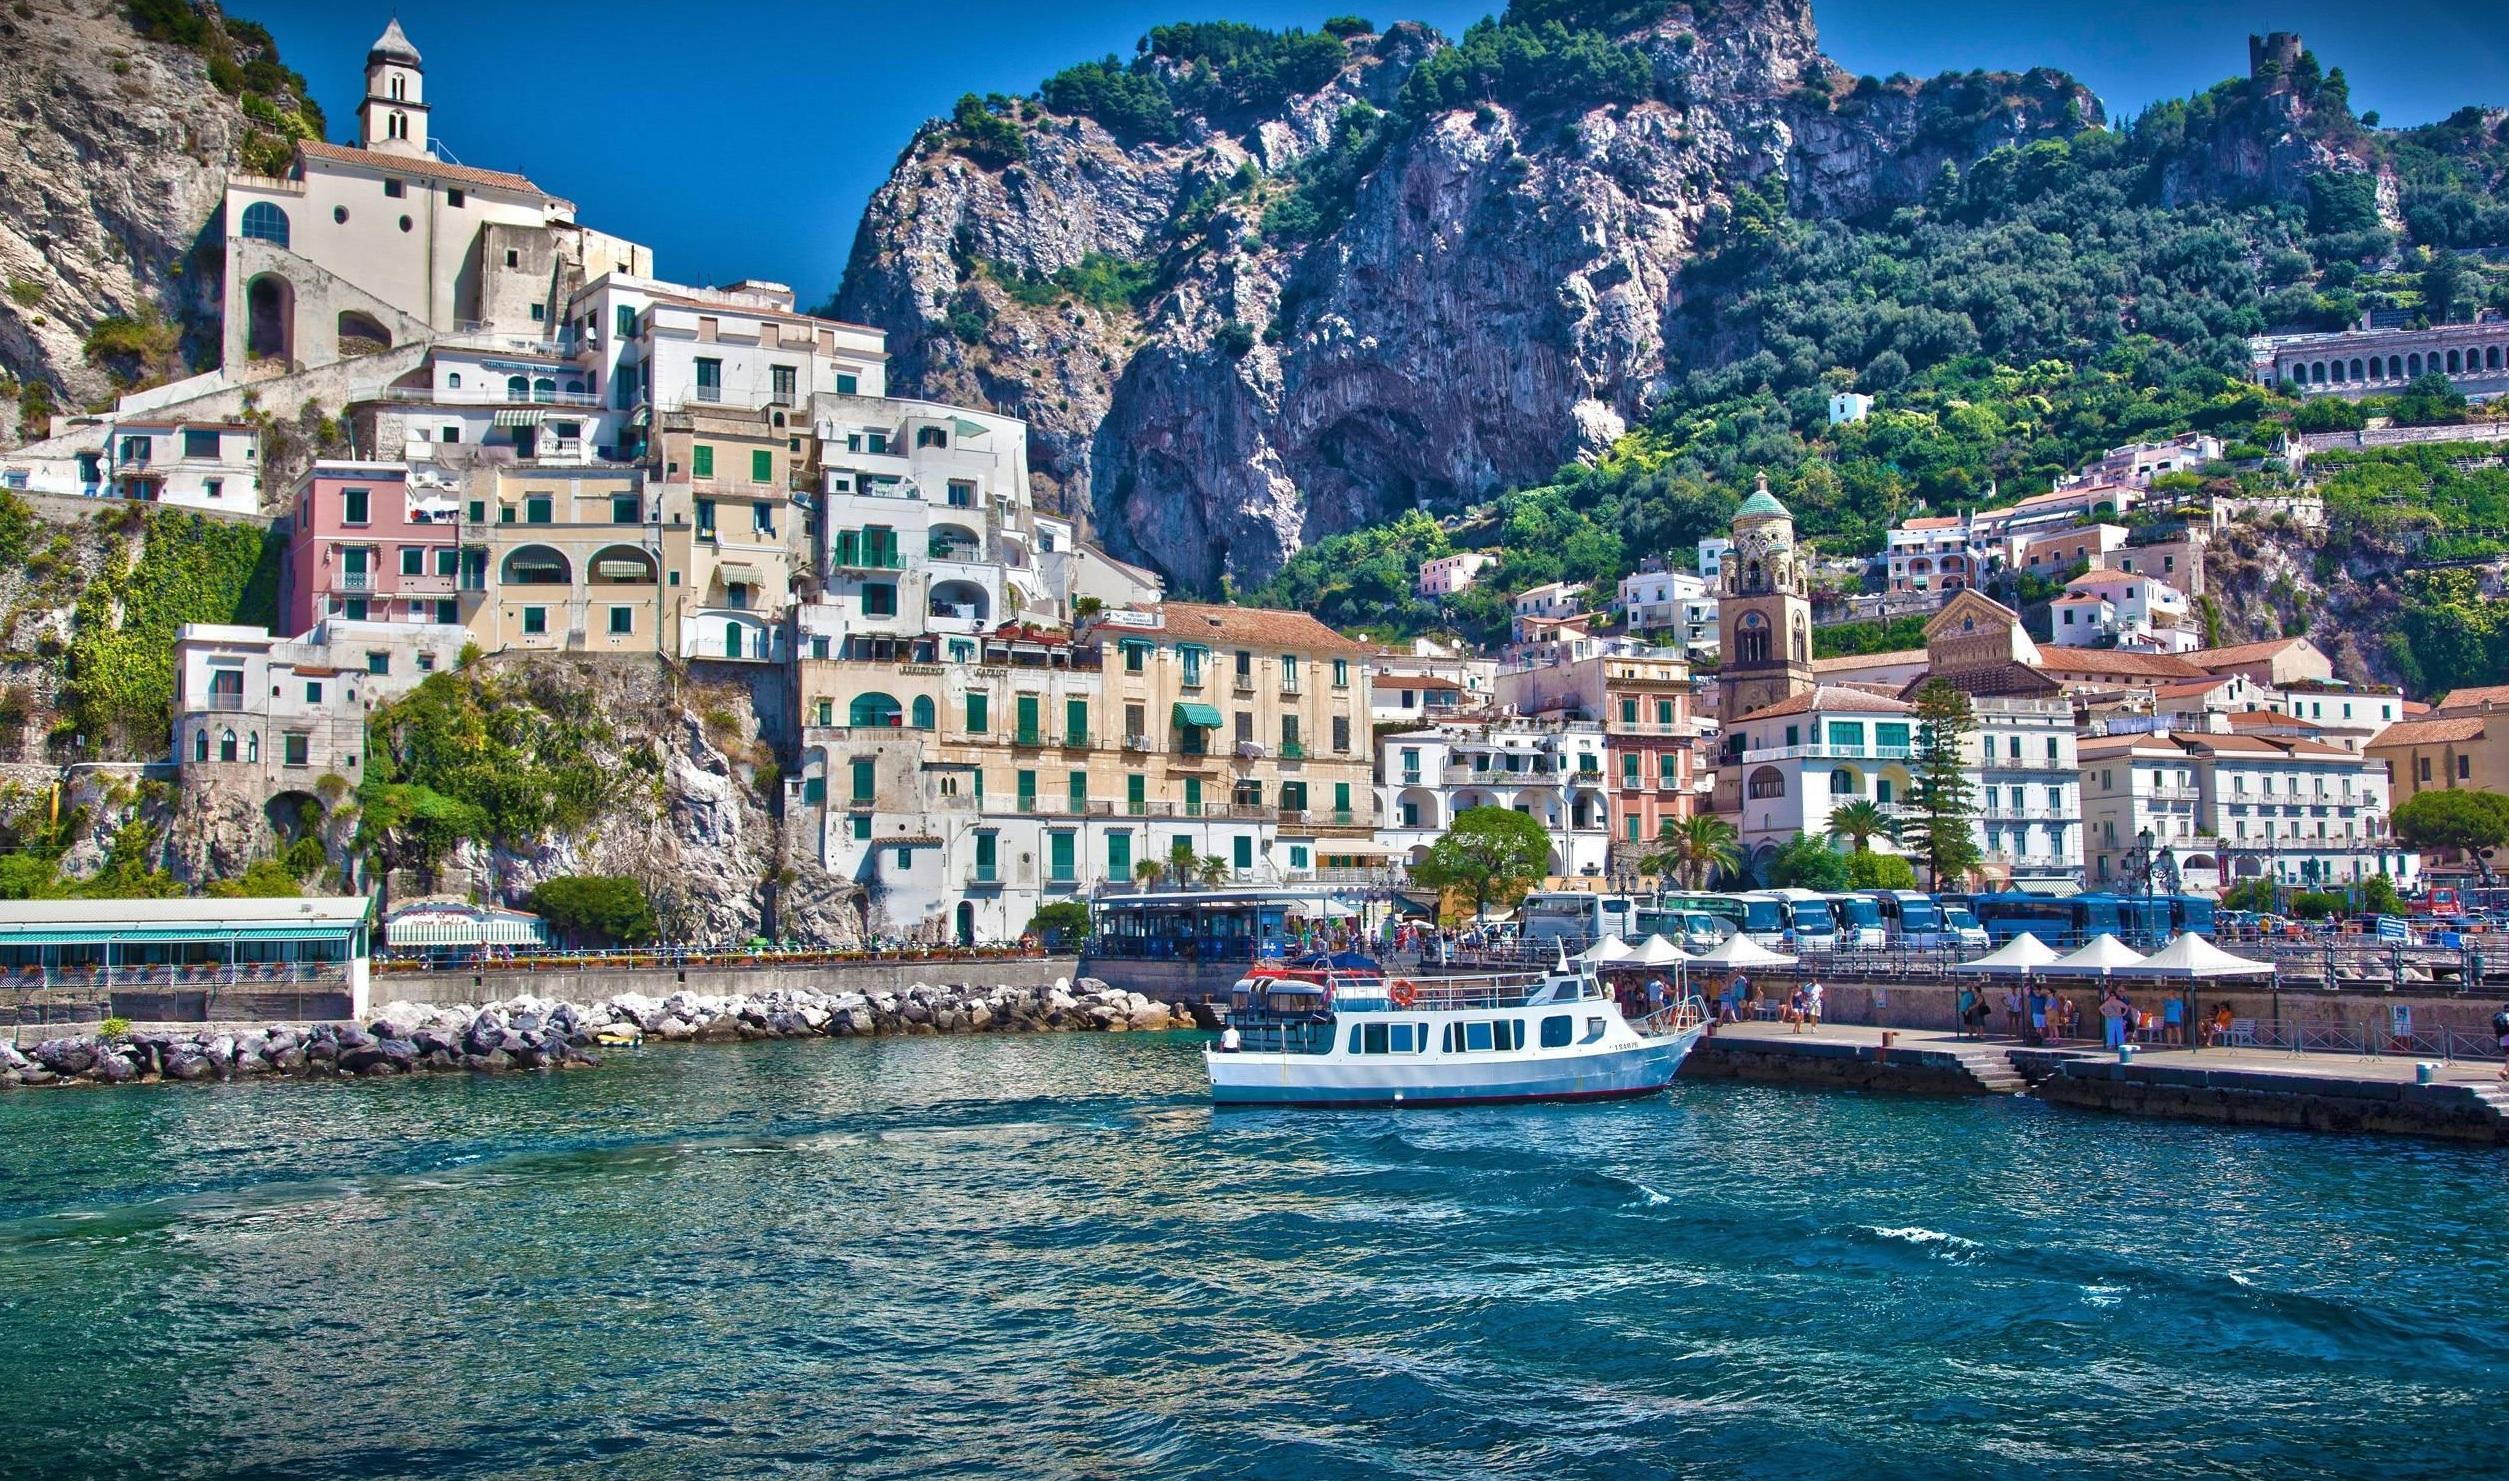 Na mitologia grega, Sorrento era o lar de sereias que seduziam marinheiros de passagem.